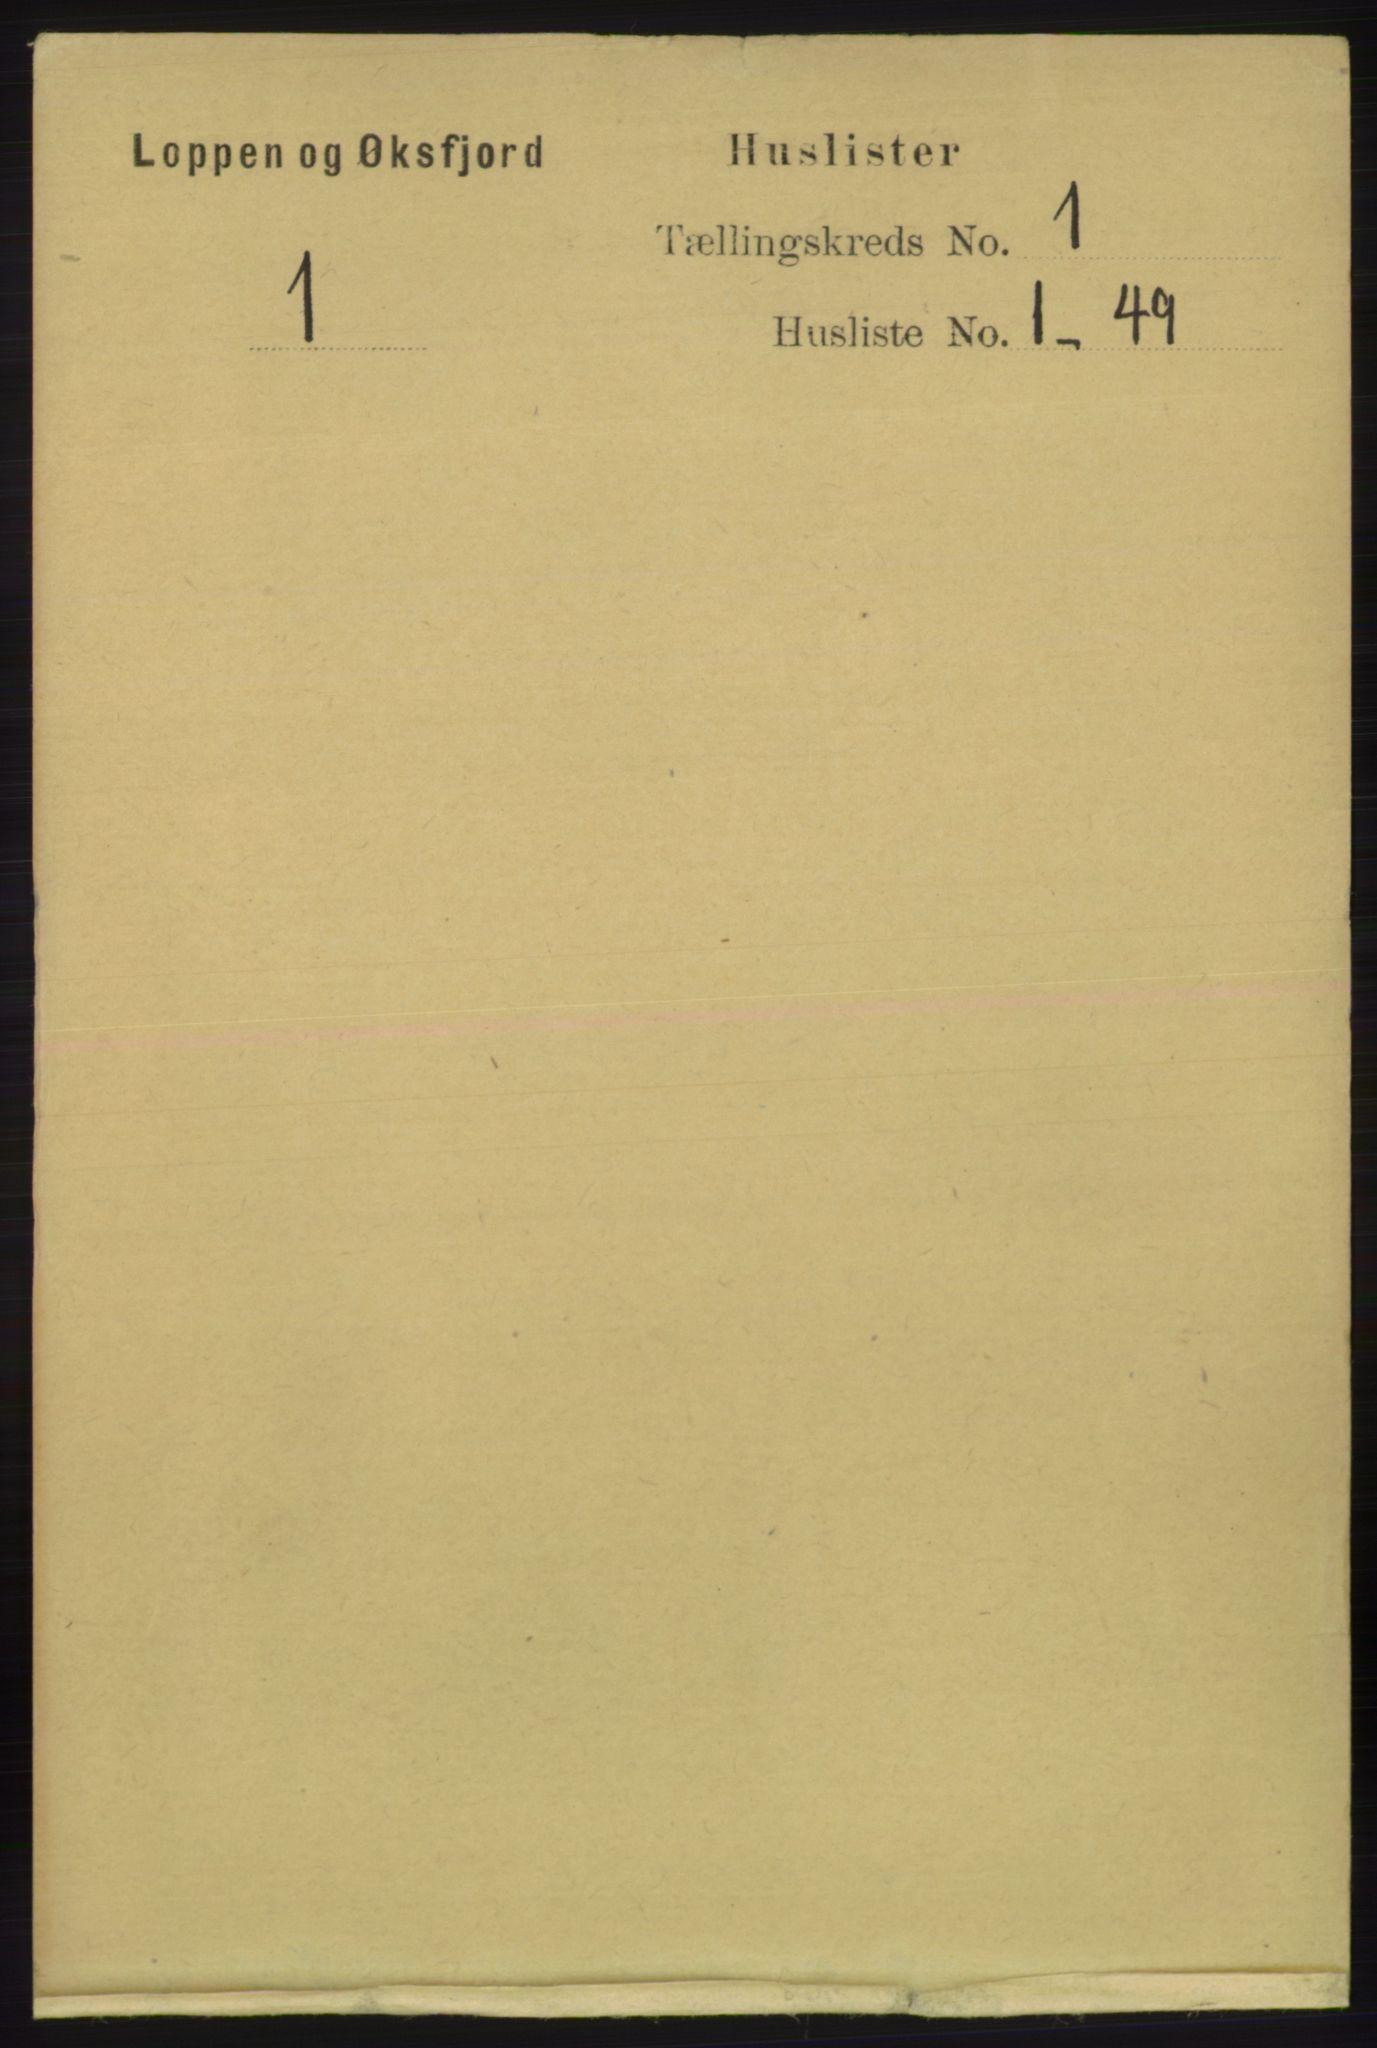 RA, Folketelling 1891 for 2014 Loppa herred, 1891, s. 14